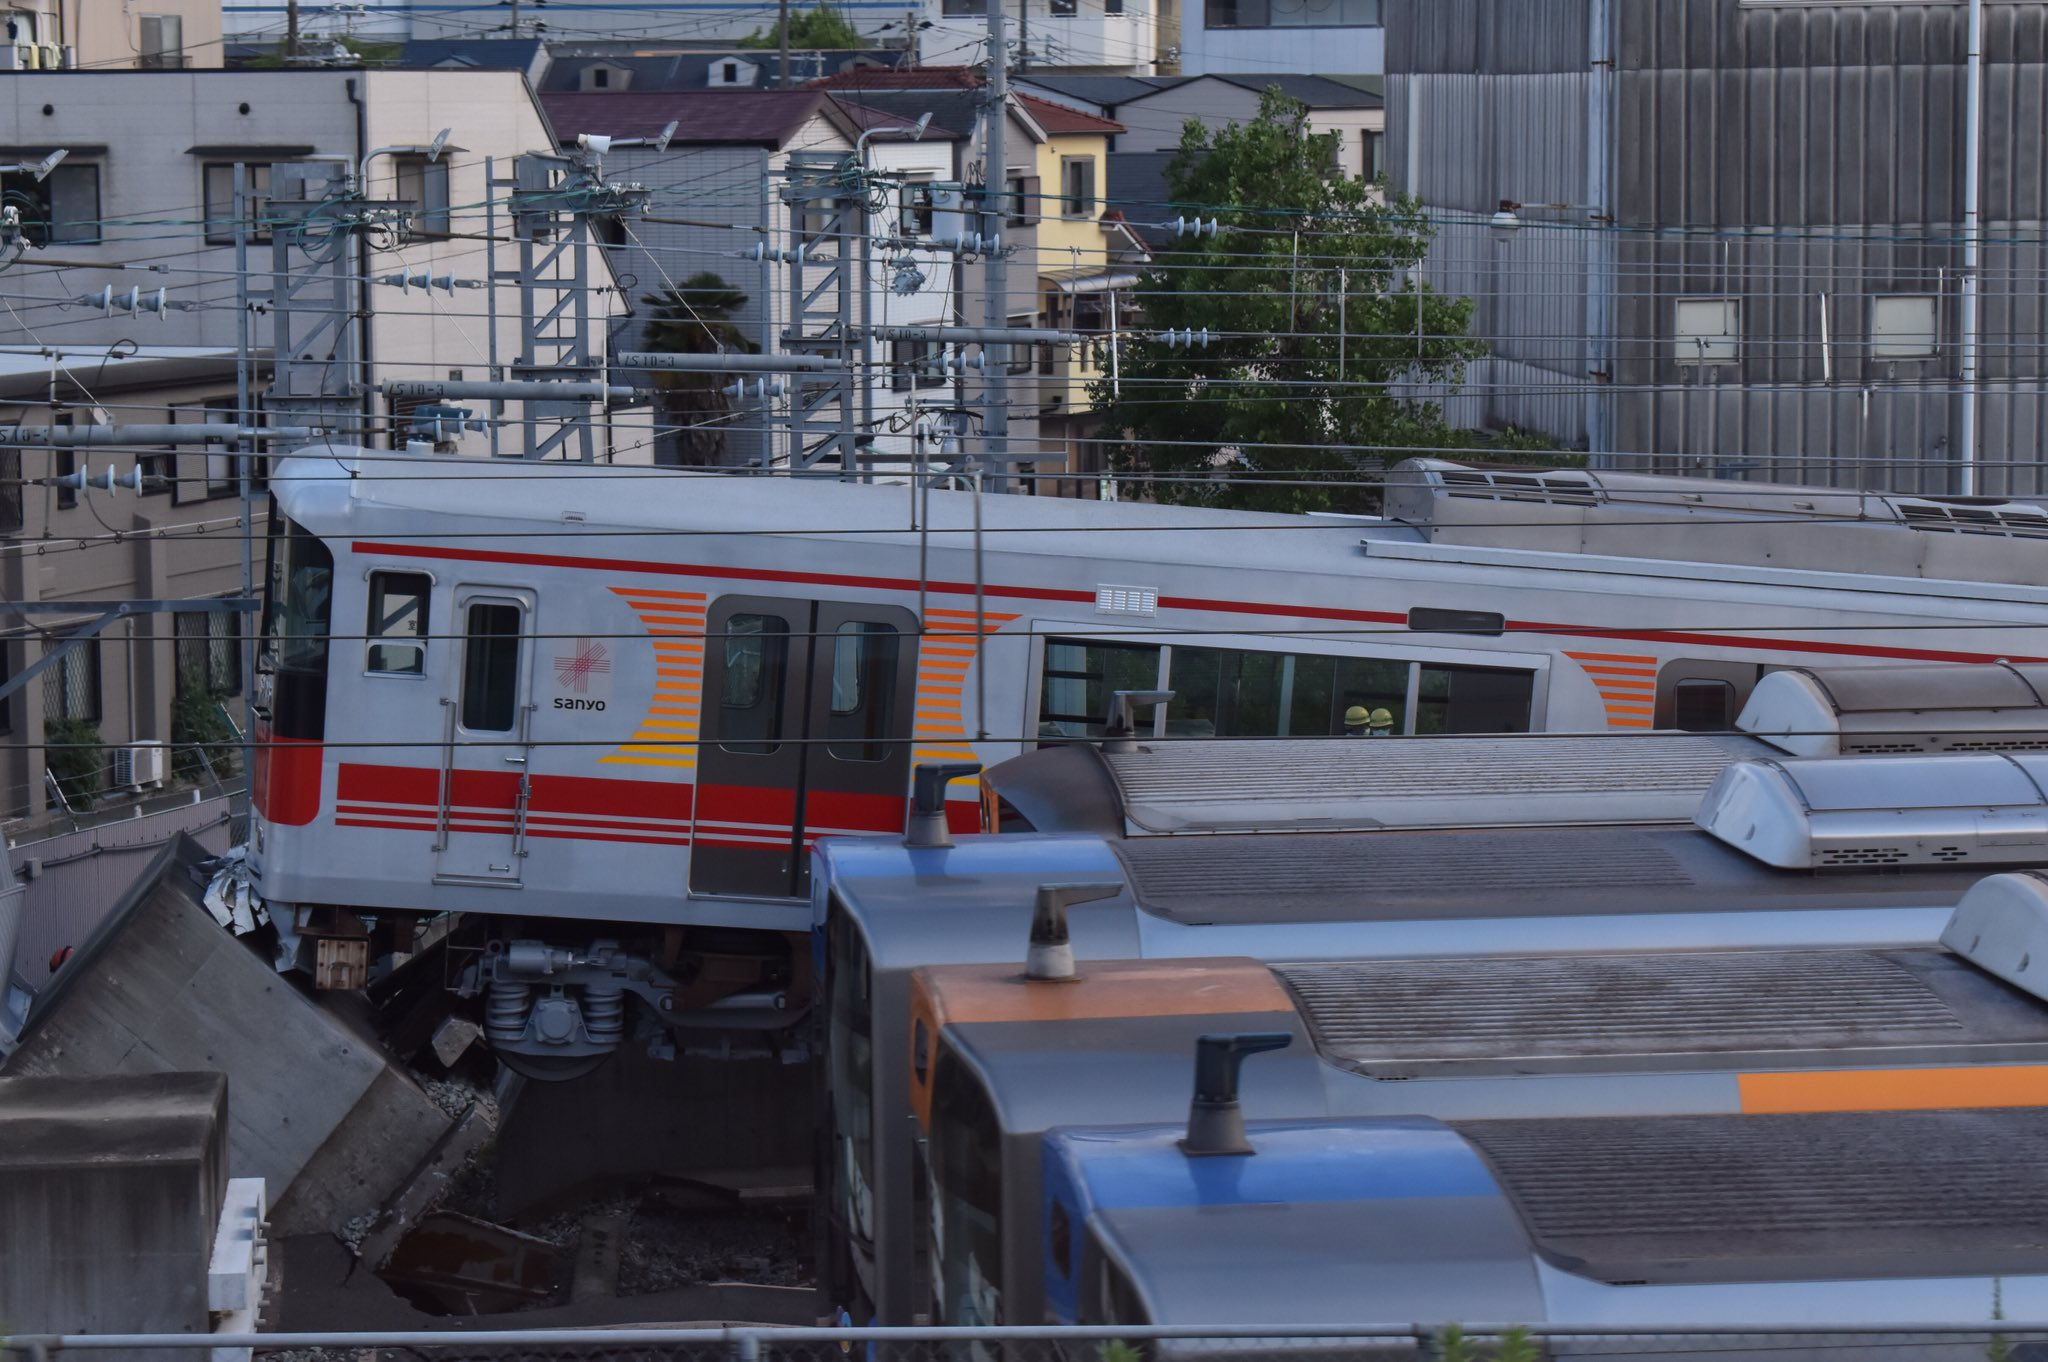 阪神電鉄の脱線事故が起きた現場の画像